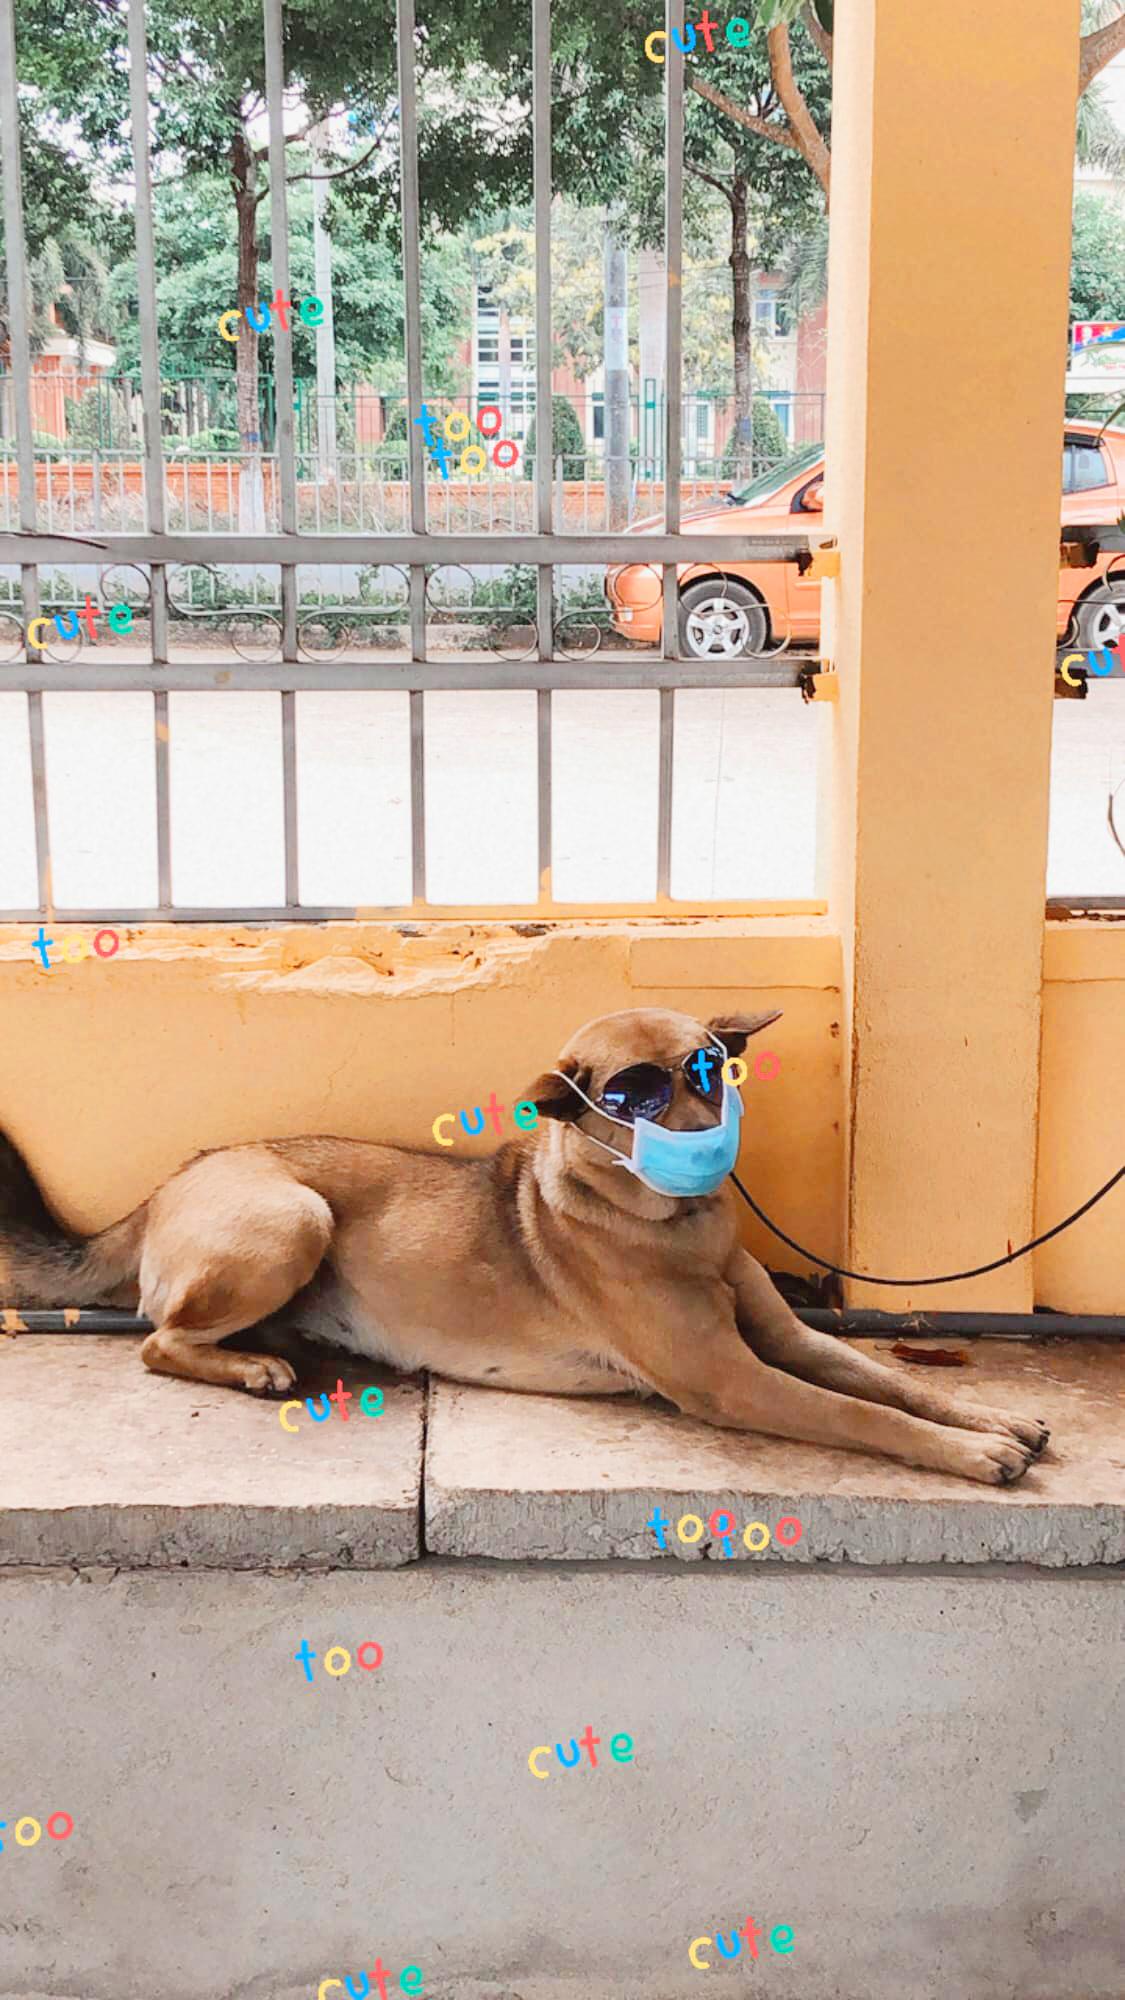 dog wearing mask